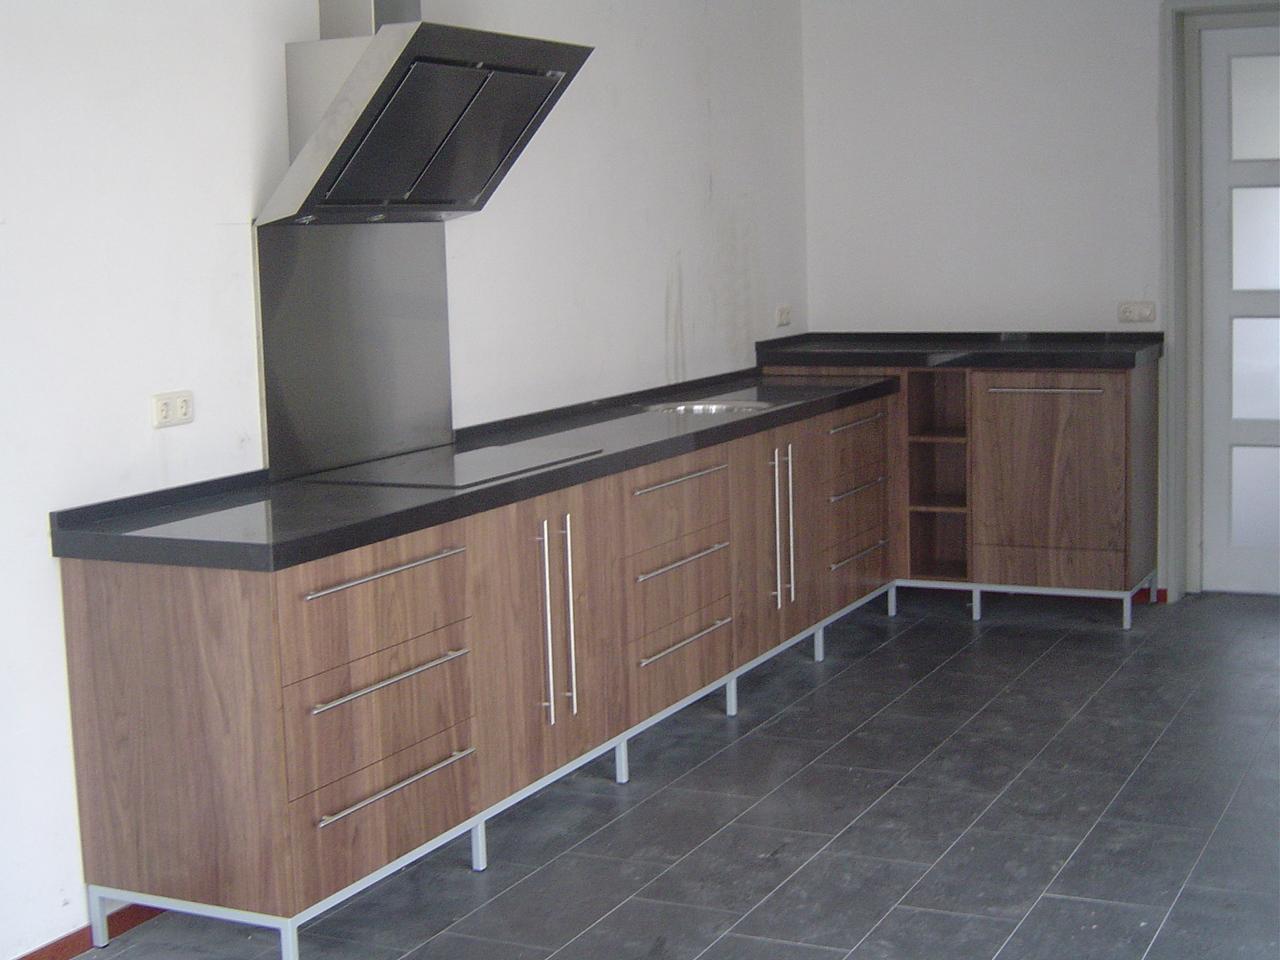 Hoekkast Keuken Draaiplateau : Keuken notenhout op metalen frame Keuken met eiken (grepen) omlijsting